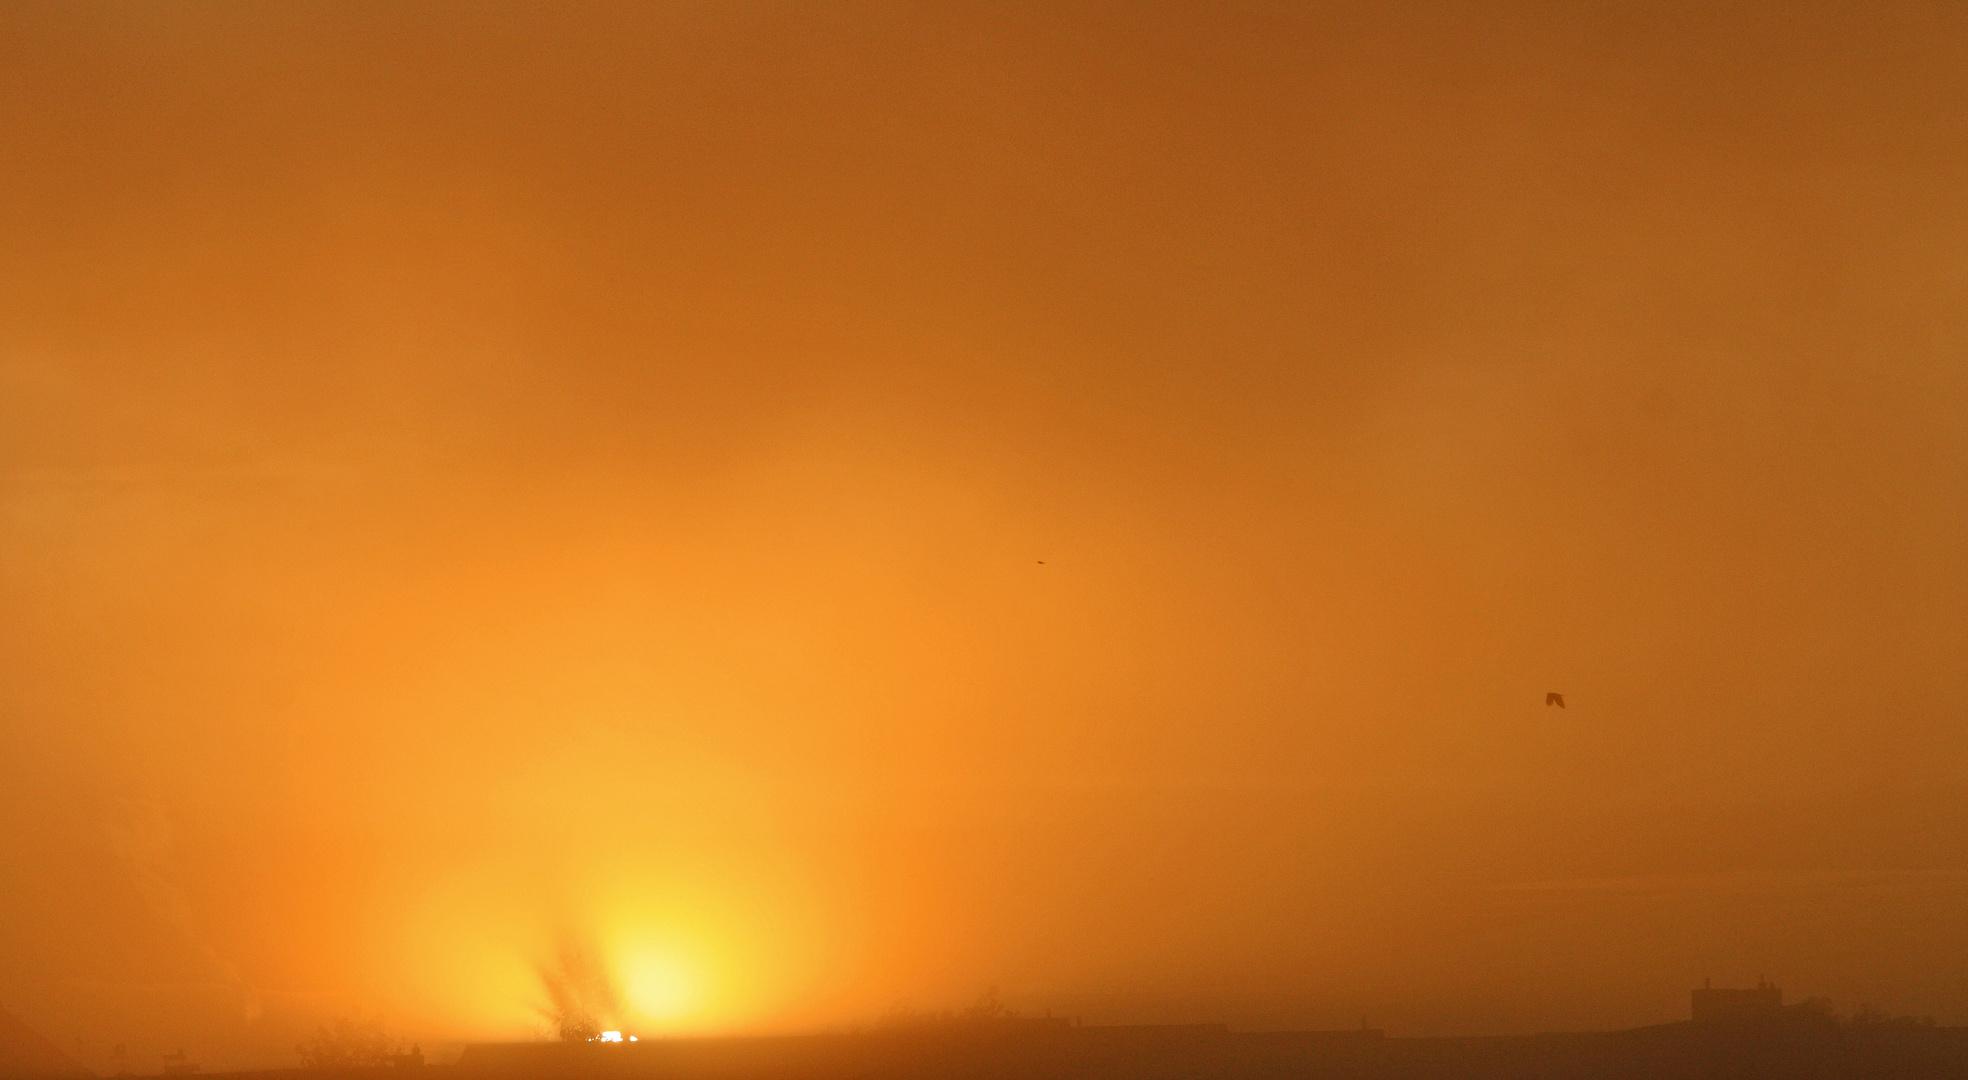 Nebel in orange